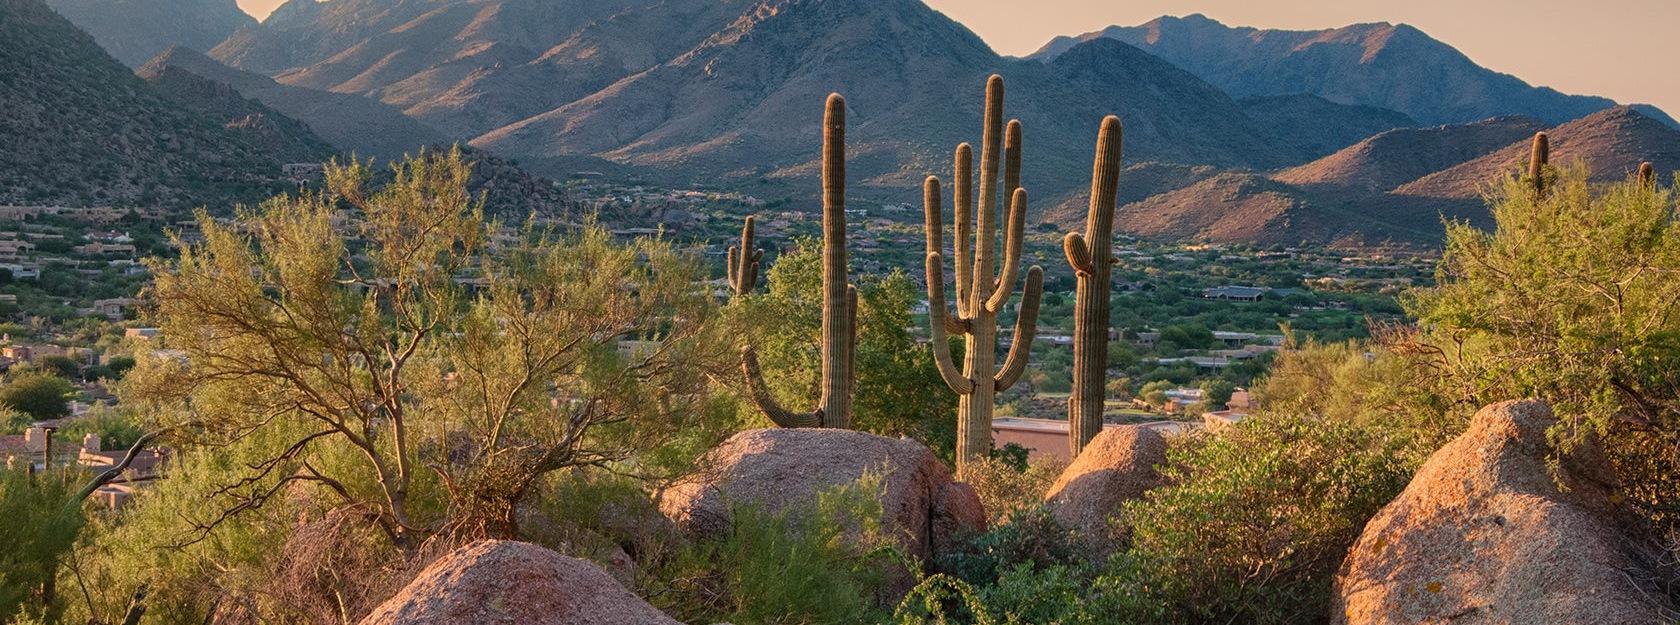 the Arizona desert